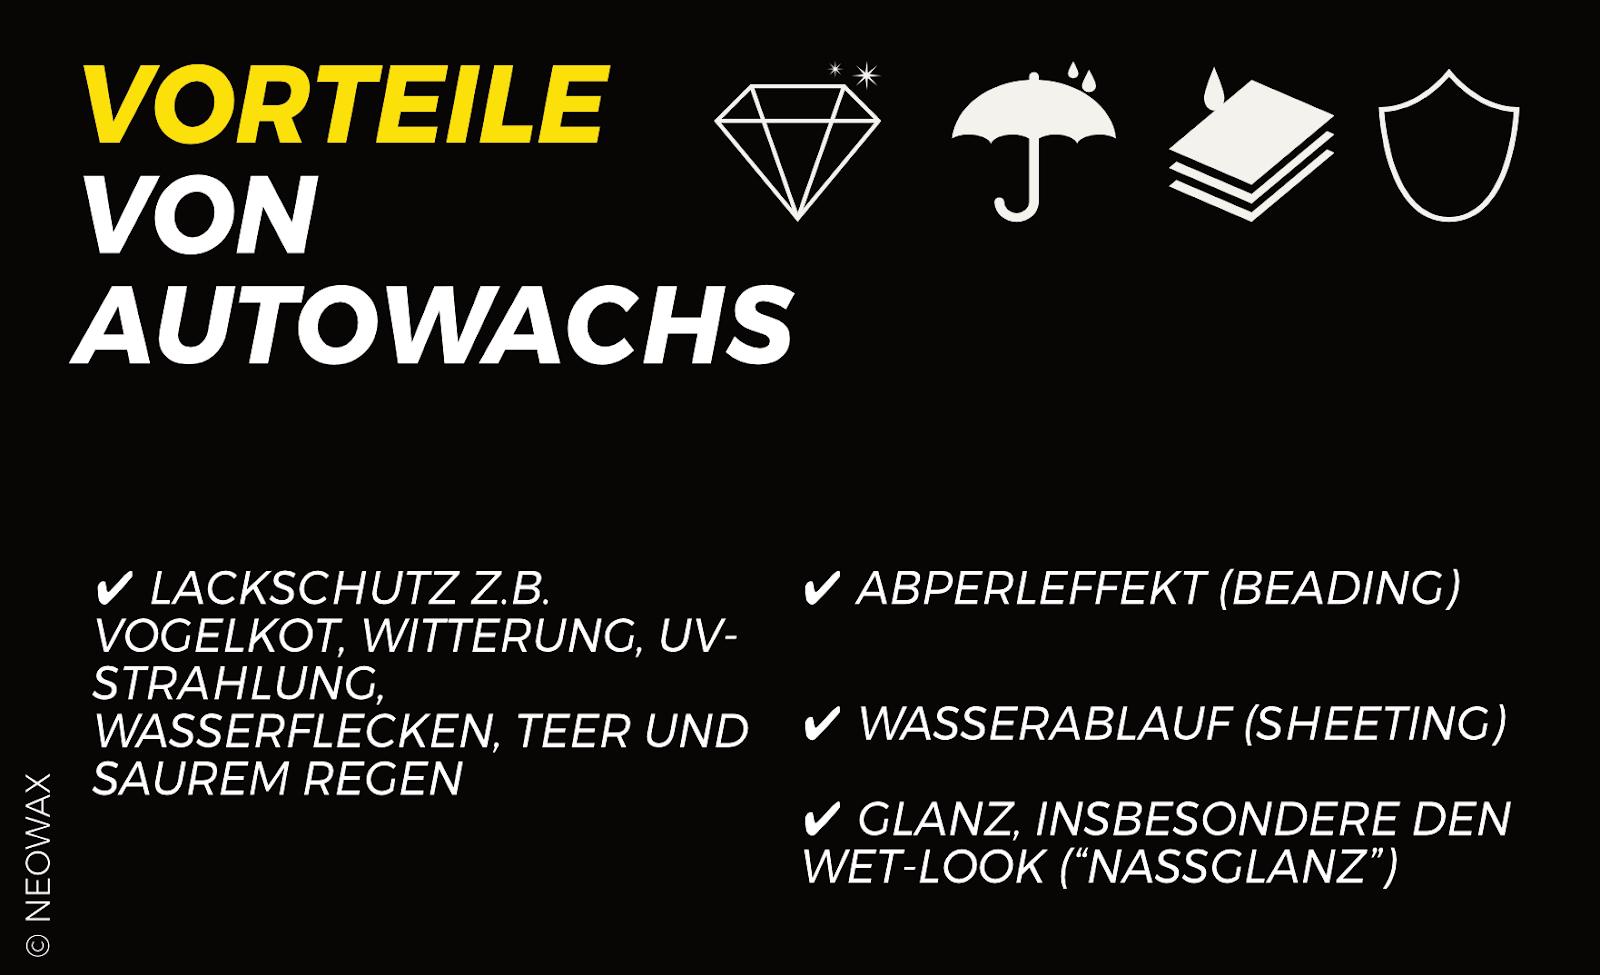 """Lackschutz z.B. vor Vogelkot, Witterung, UV-Strahlung, Wasserflecken, Teer und saurem Regen Abperleffekt (Beading) Wasserablauf (Sheeting) Glanz, insbesondere den Wet-Look (""""Nassglanz"""")"""